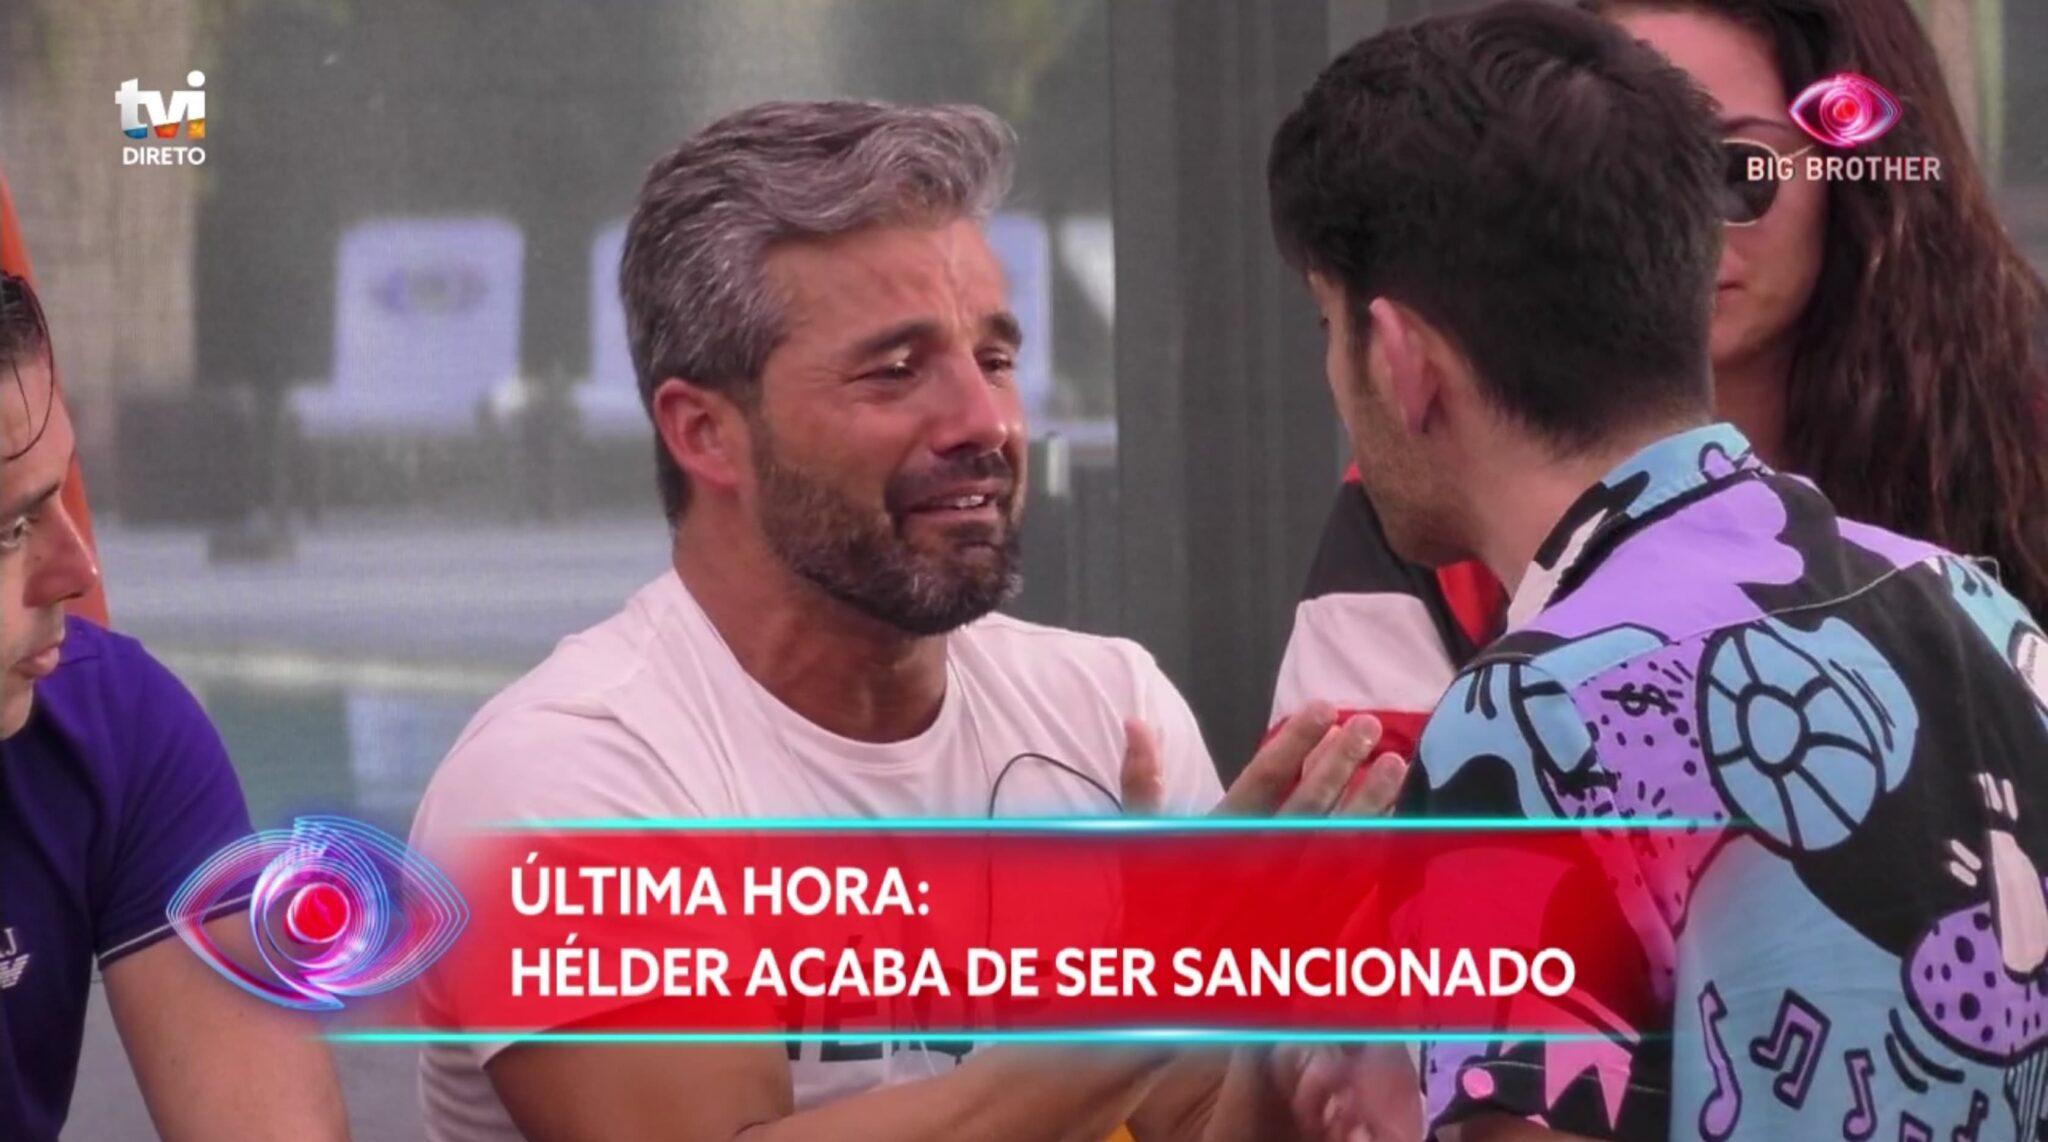 Helder Big Brother 3 Scaled Big Brother. Portugueses Defendem Hélder: &Quot;Todos Merecem Uma Segunda Oportunidade&Quot;